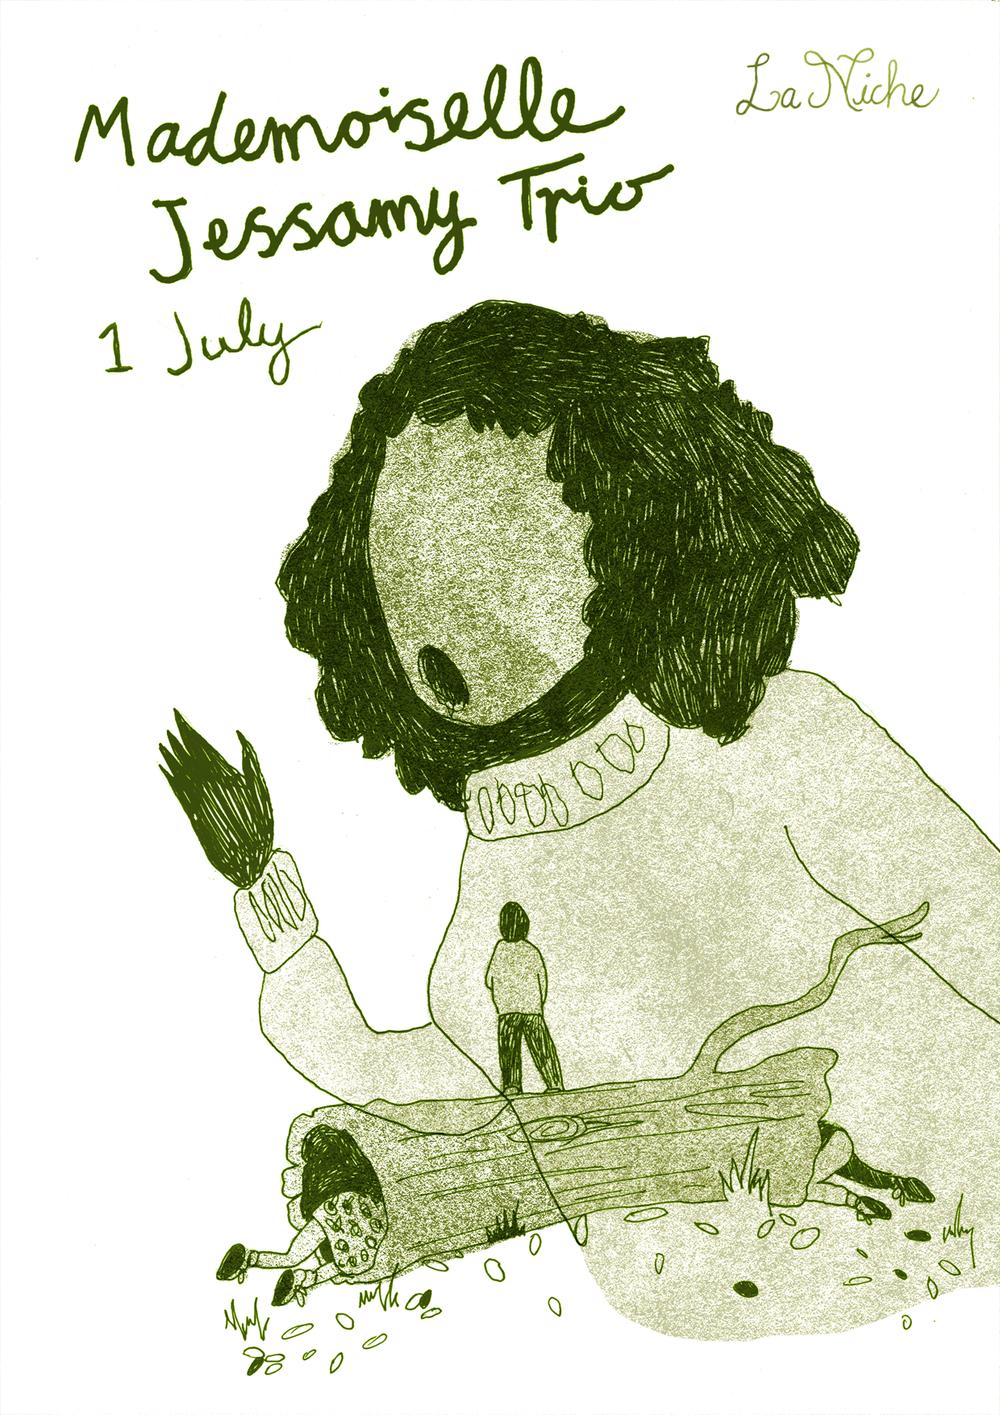 Jessamy001.png